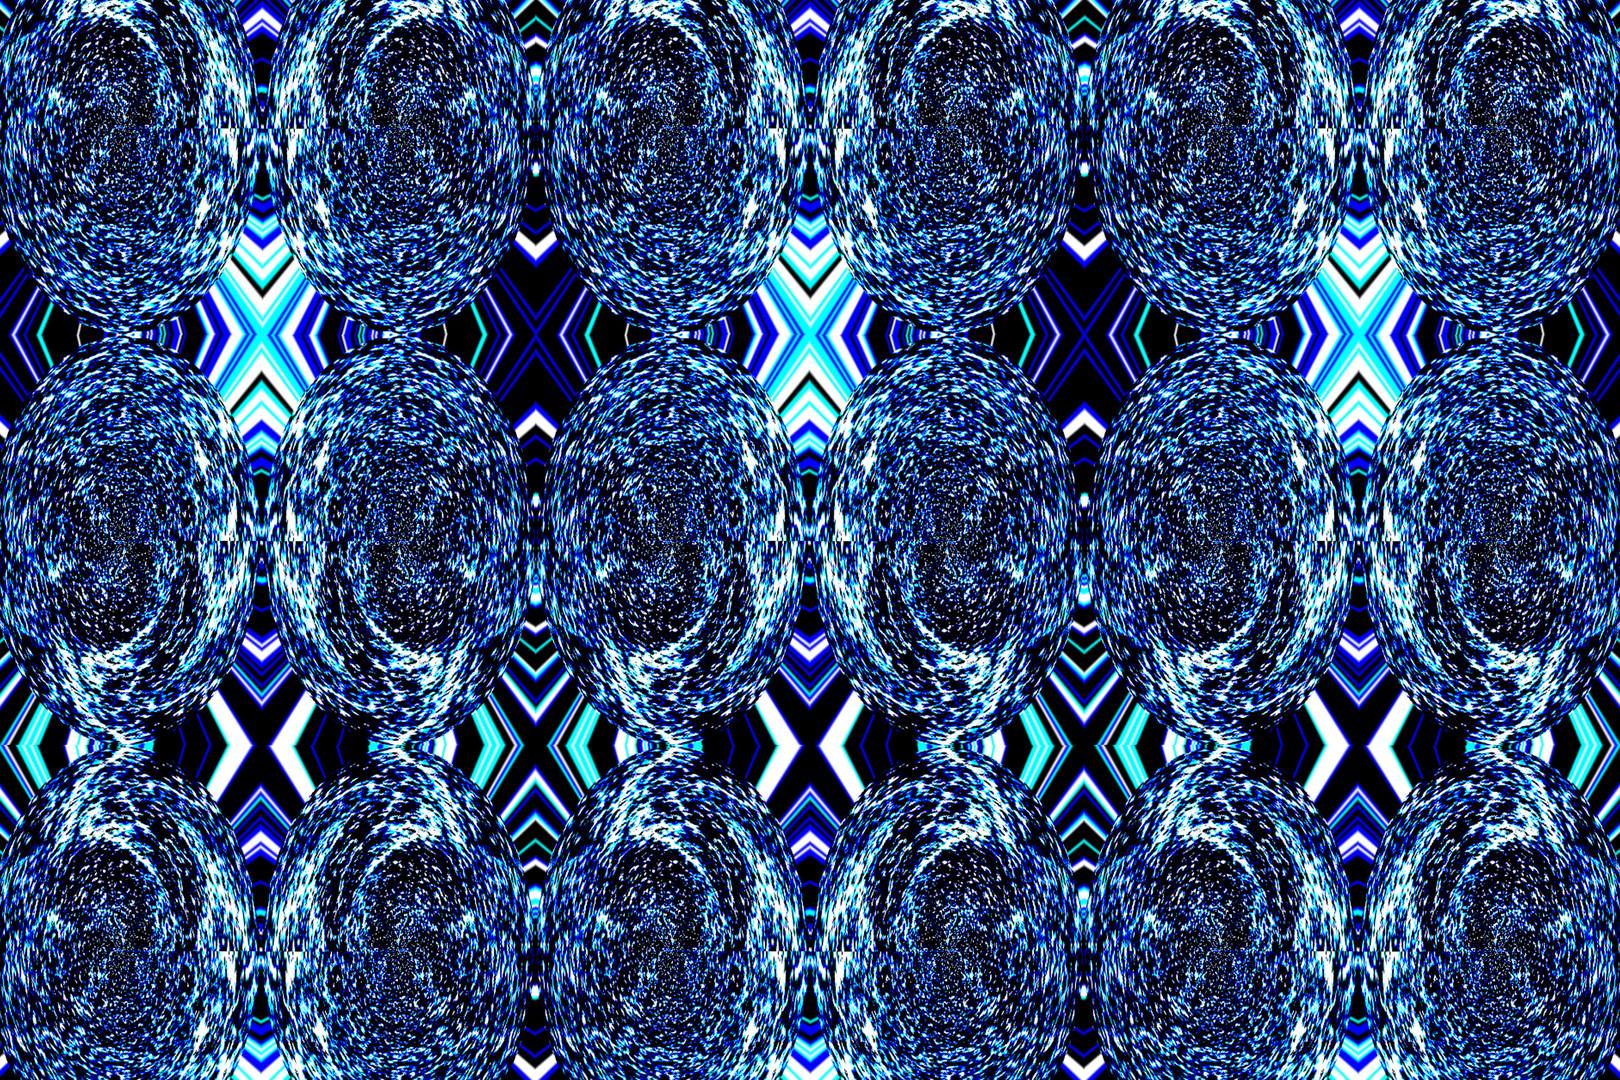 WATER_01.jpg